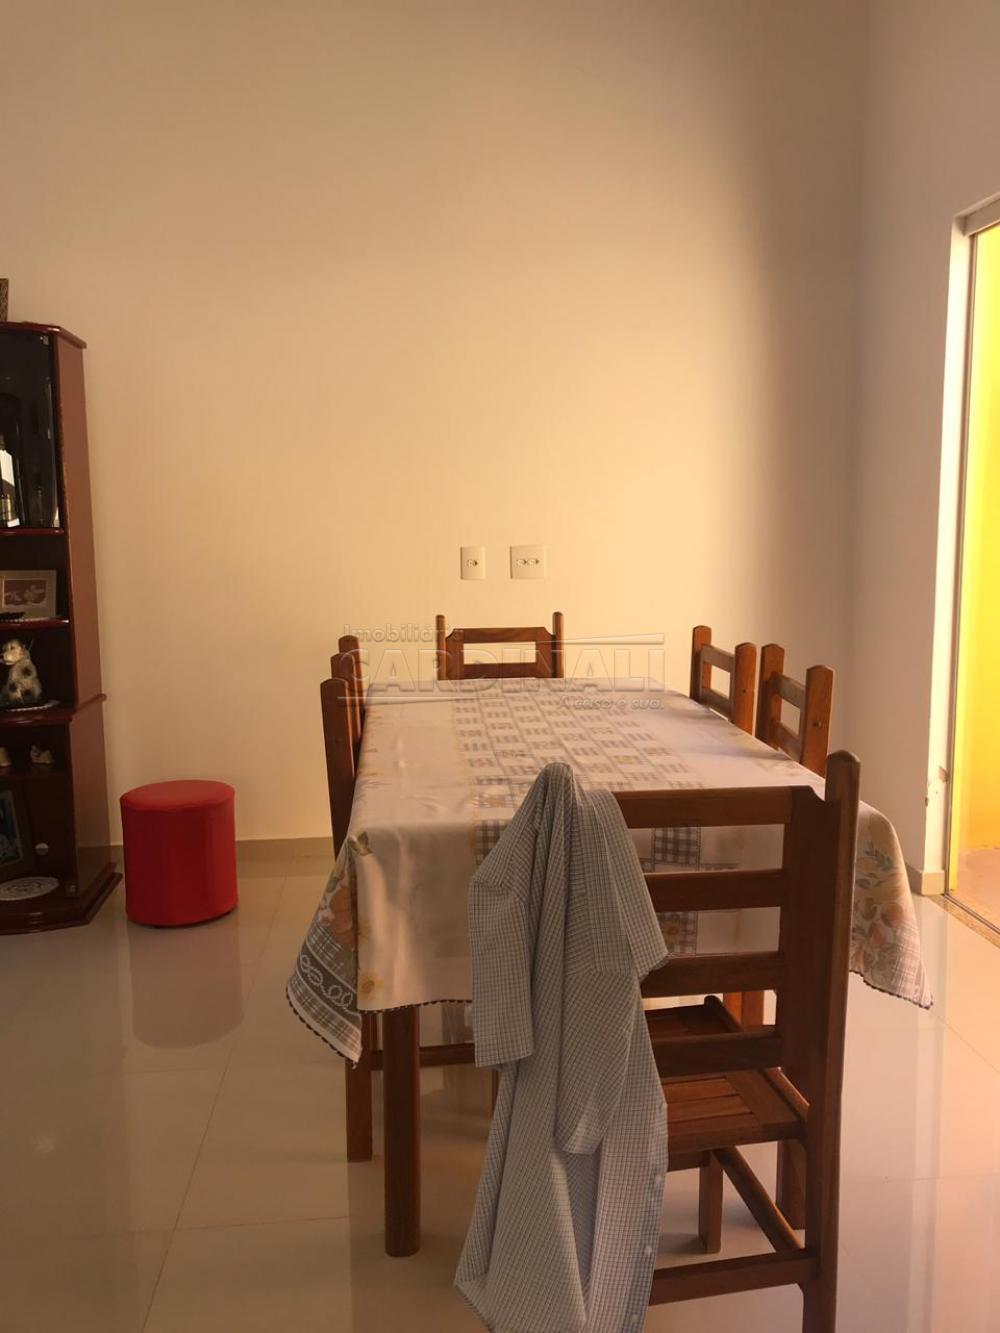 Comprar Casa / Padrão em São Carlos R$ 500.000,00 - Foto 6